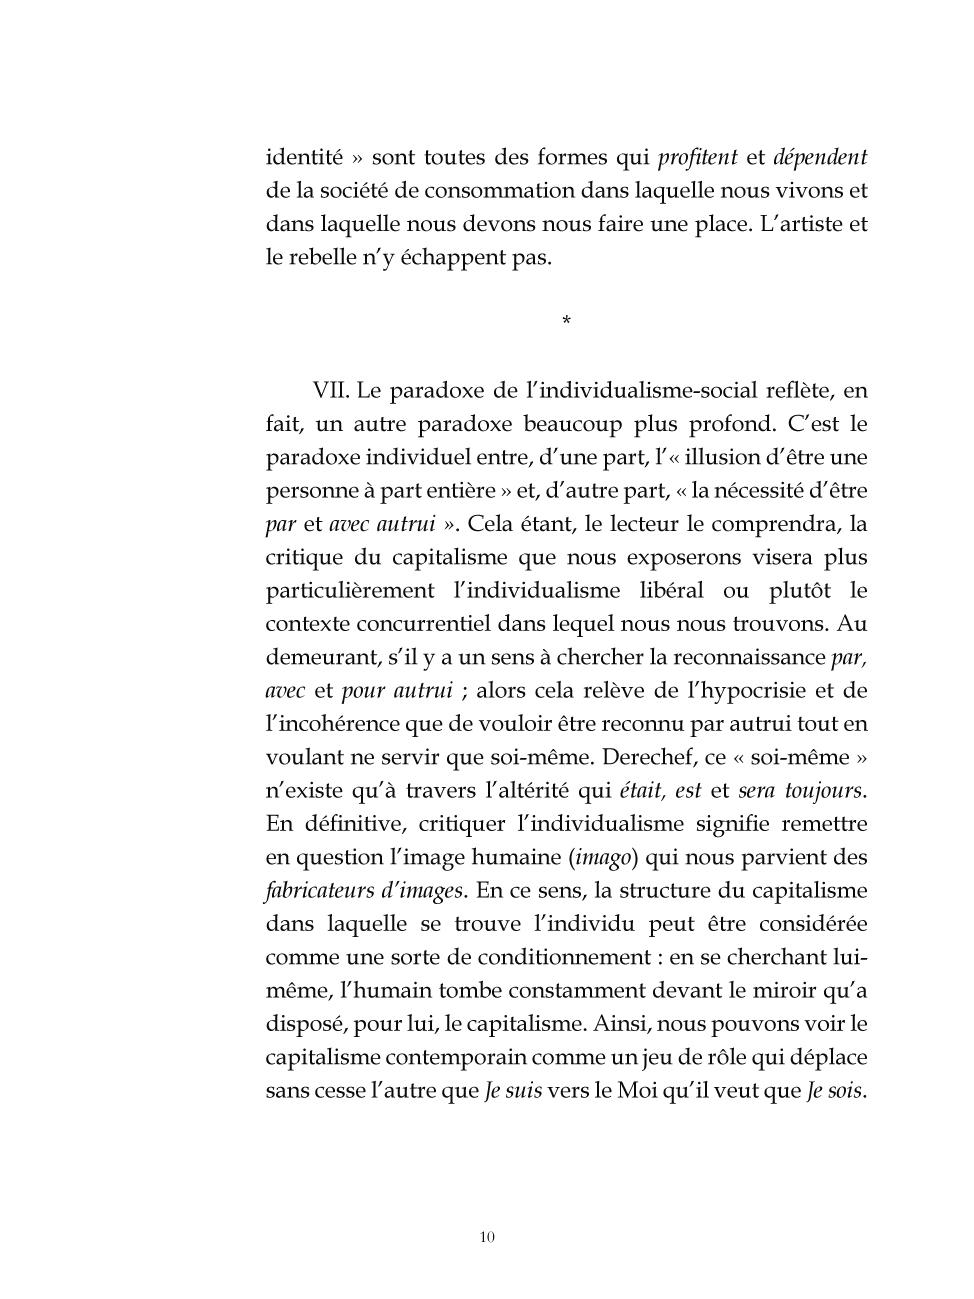 narcissisme-critique - page 10